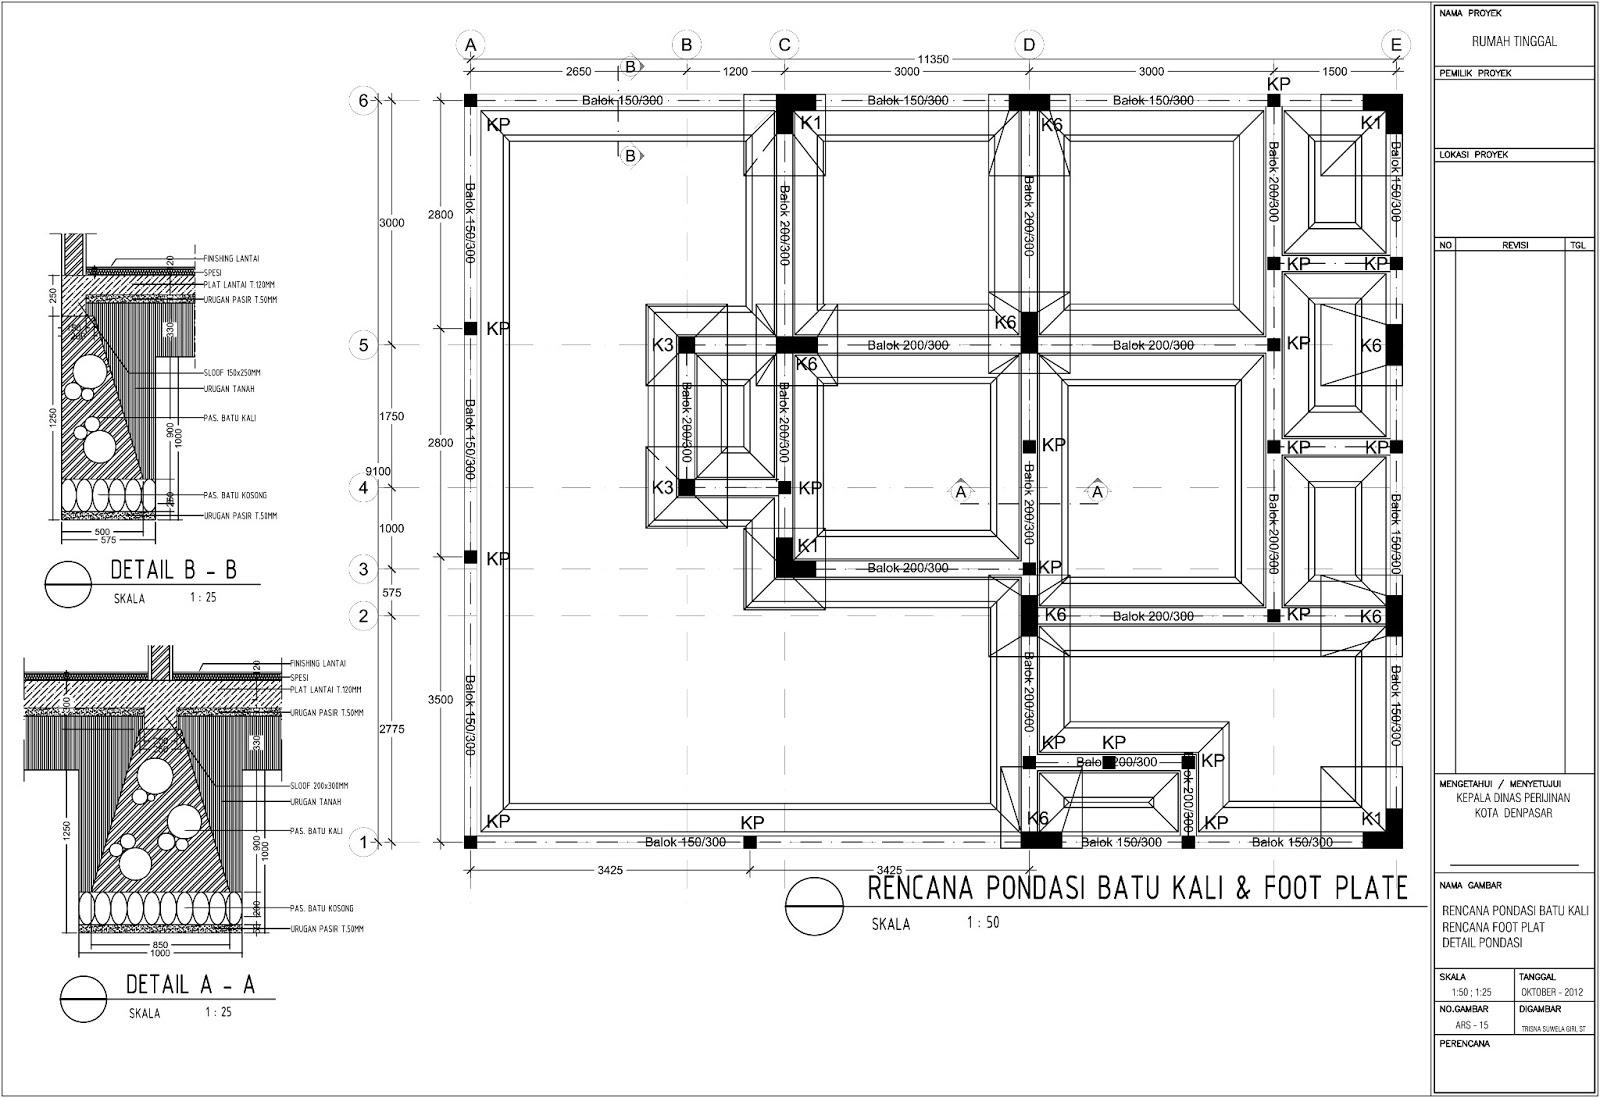 73 Gambar Rencana Gereja HD